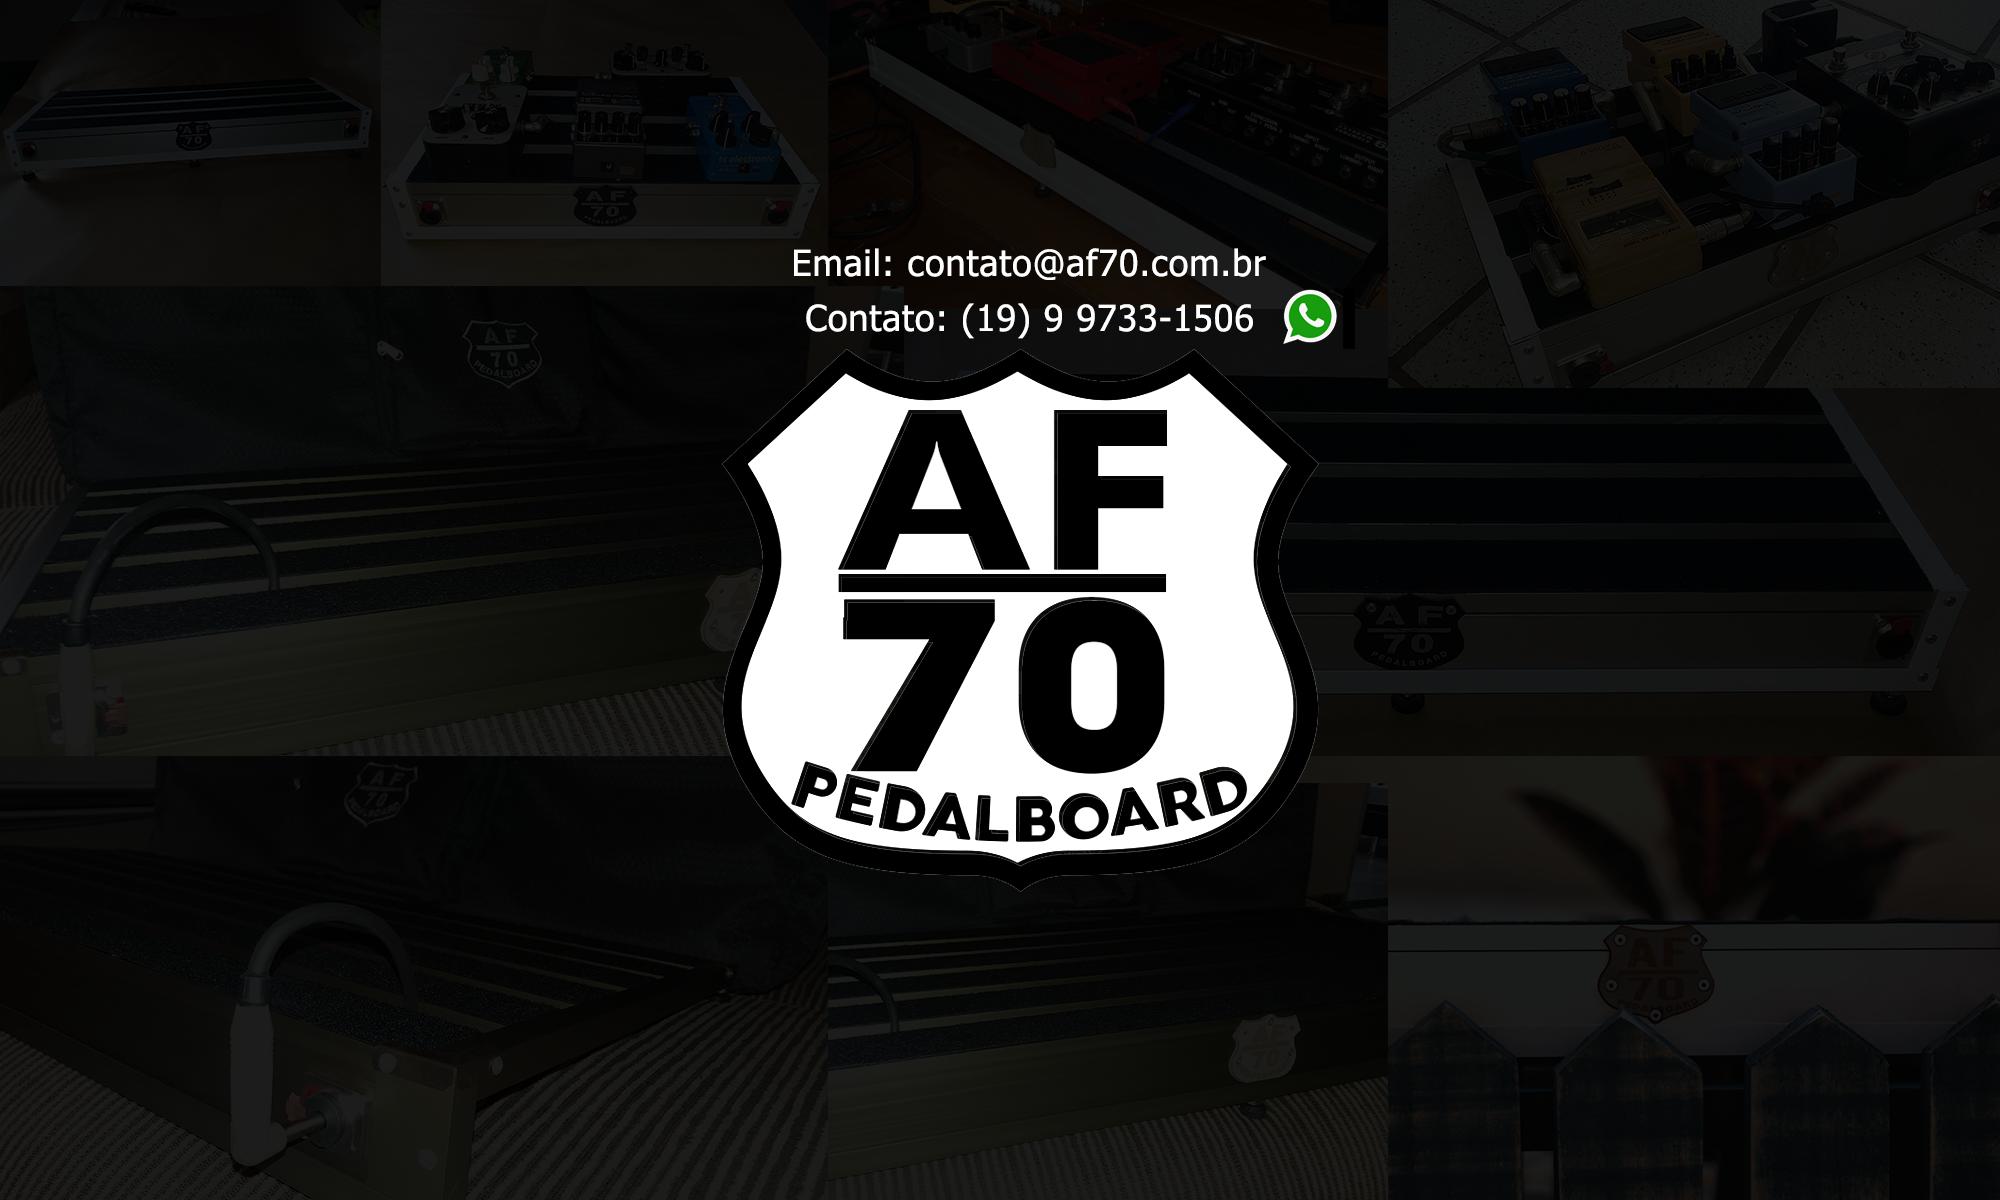 AF70 Pedalboard